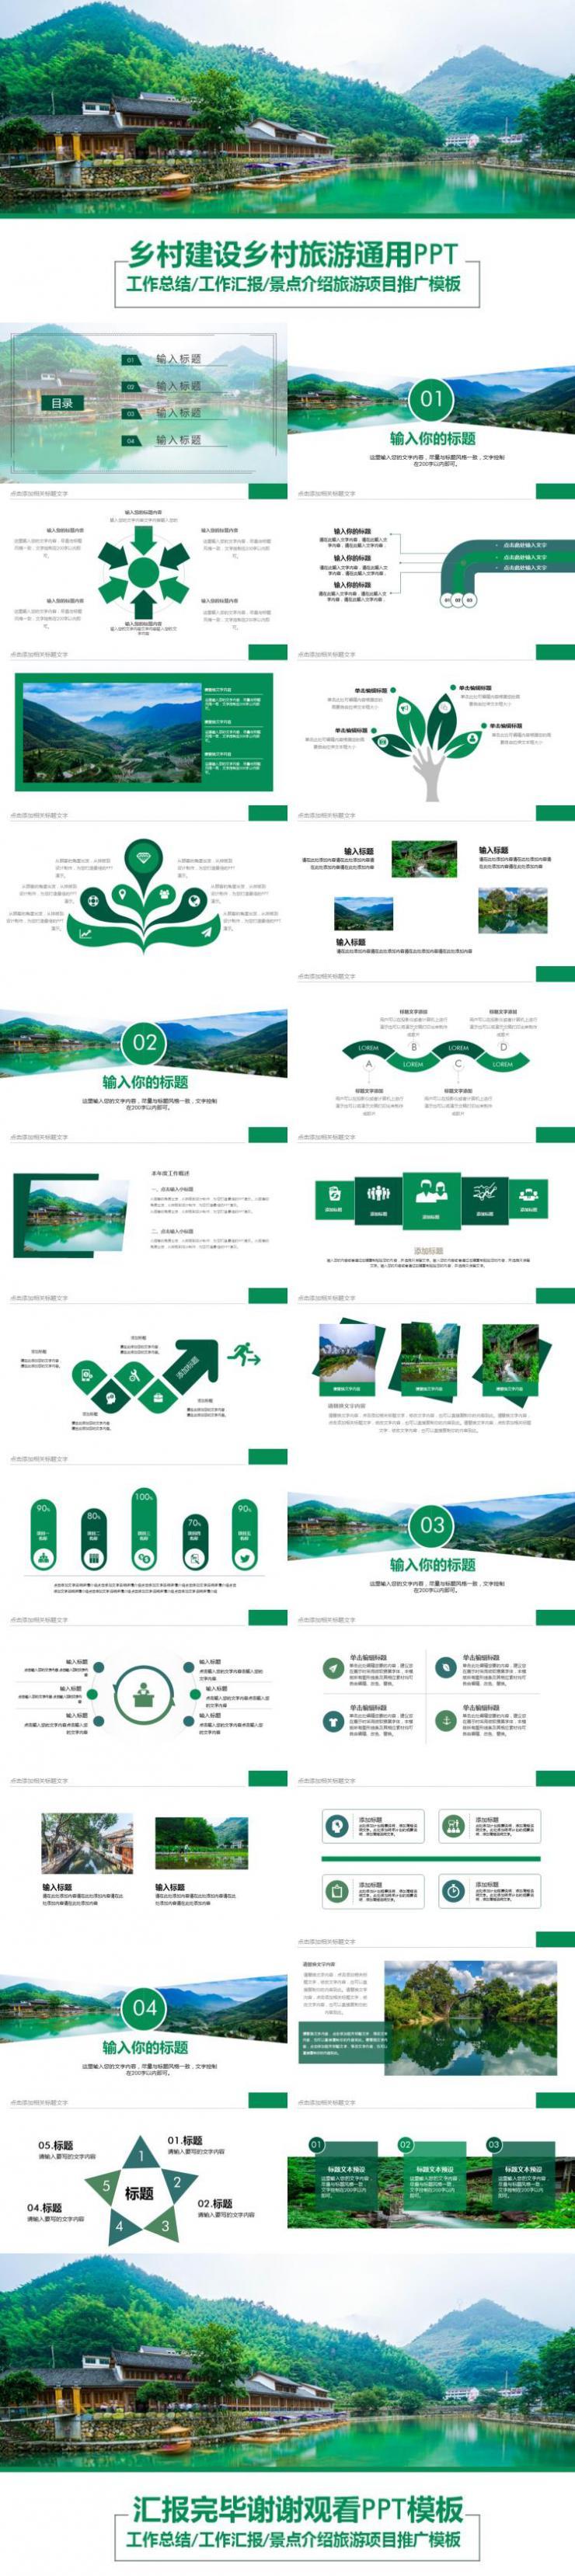 乡村建设乡村旅游PPT模板下载